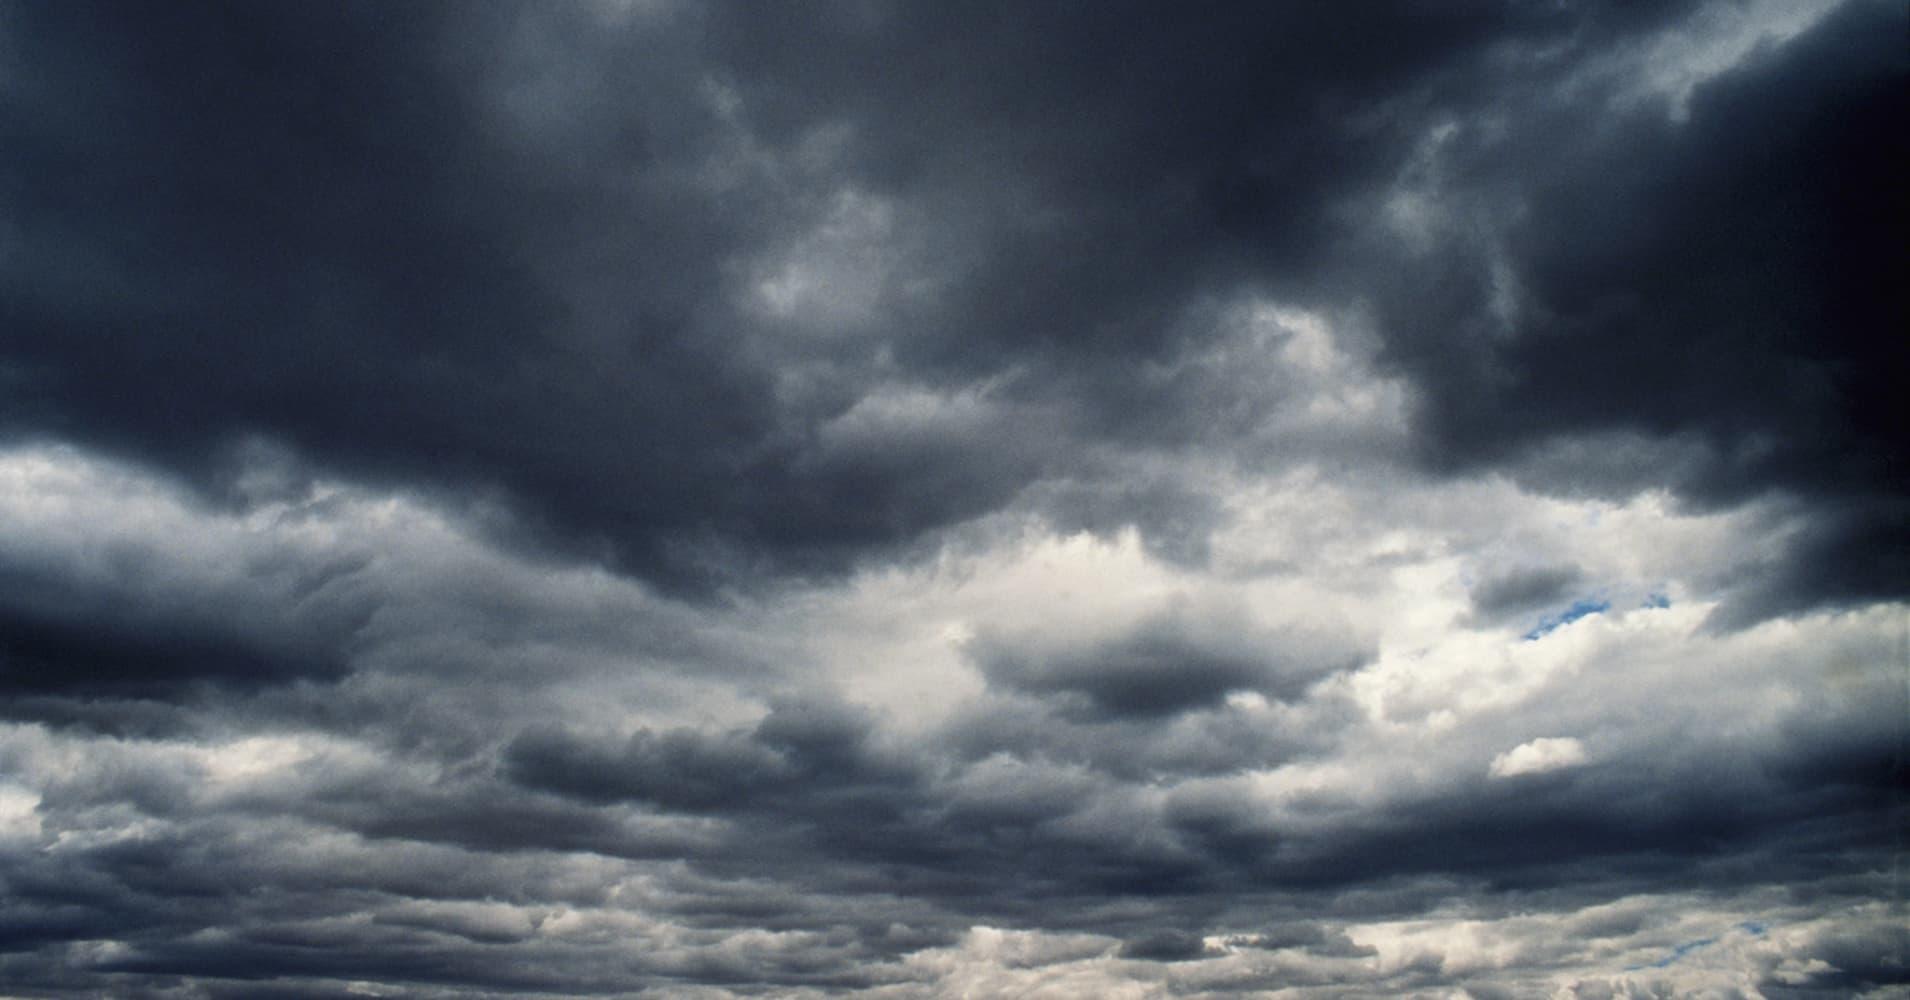 Storm Cloud Quotes. QuotesGram